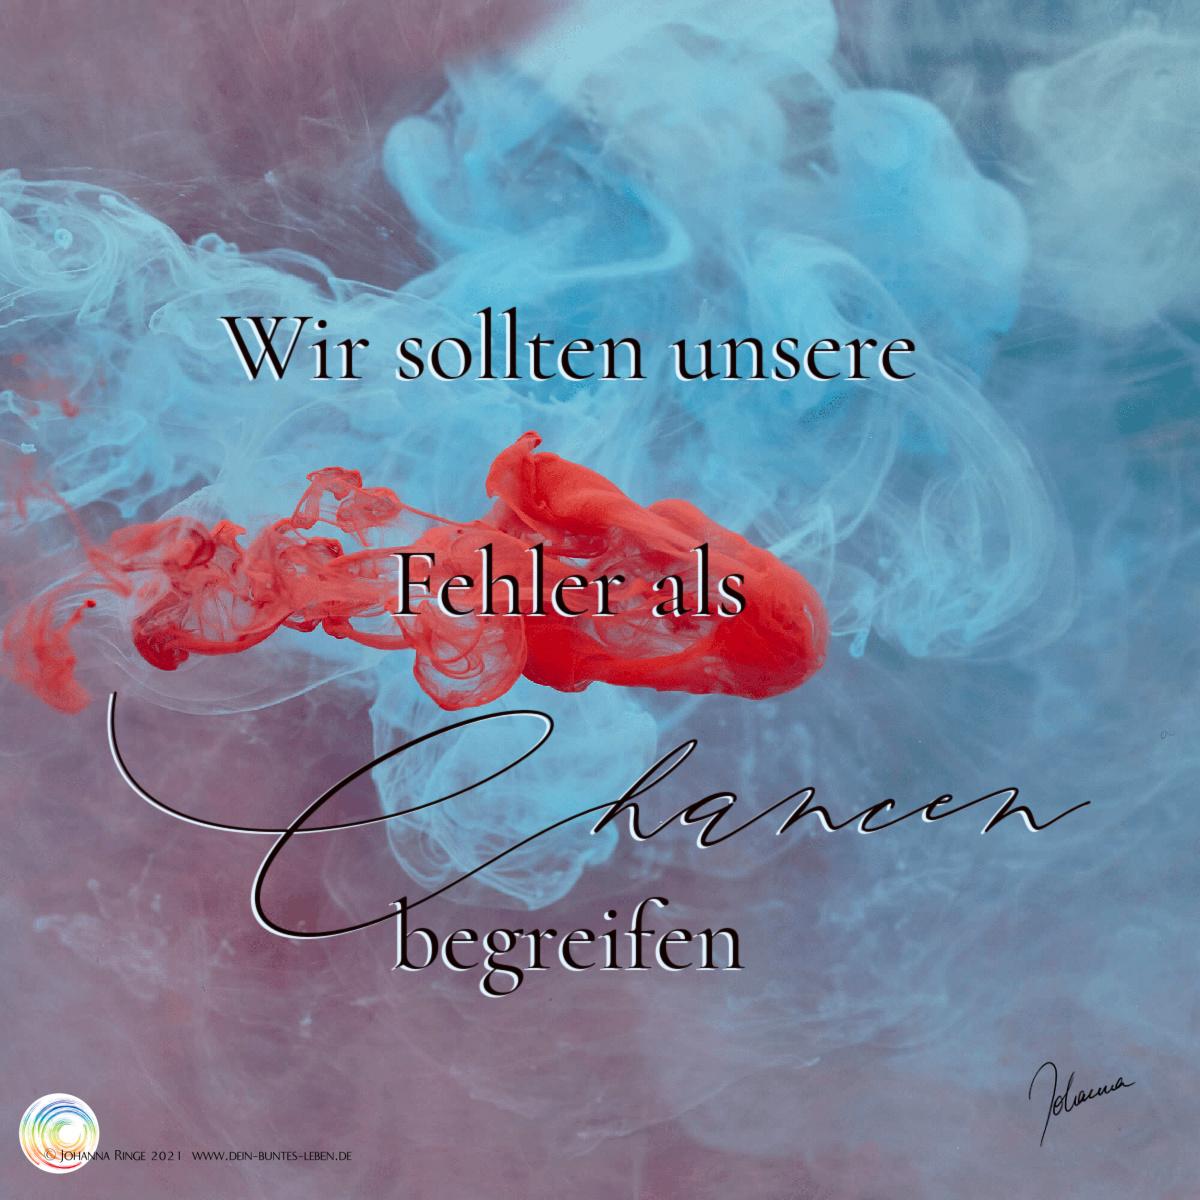 Wir sollten unsere Fehler als Chancen begreifen. (text auf Photo wirbelnder Tintenwolken) ©Johanna Ringe 2021 www.dein-buntes-leben.de